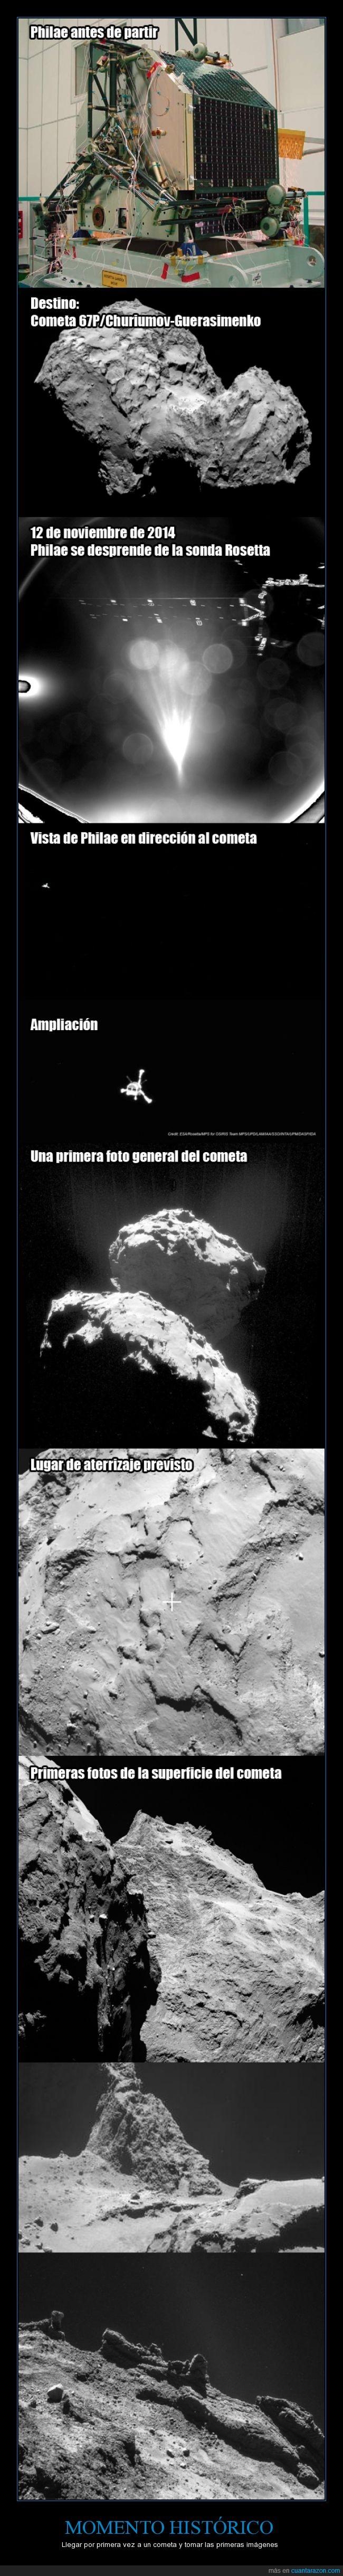 67P,Cometa,Espacio,Fotos,histórico,Philae,Proceso,Rosetta,Universo